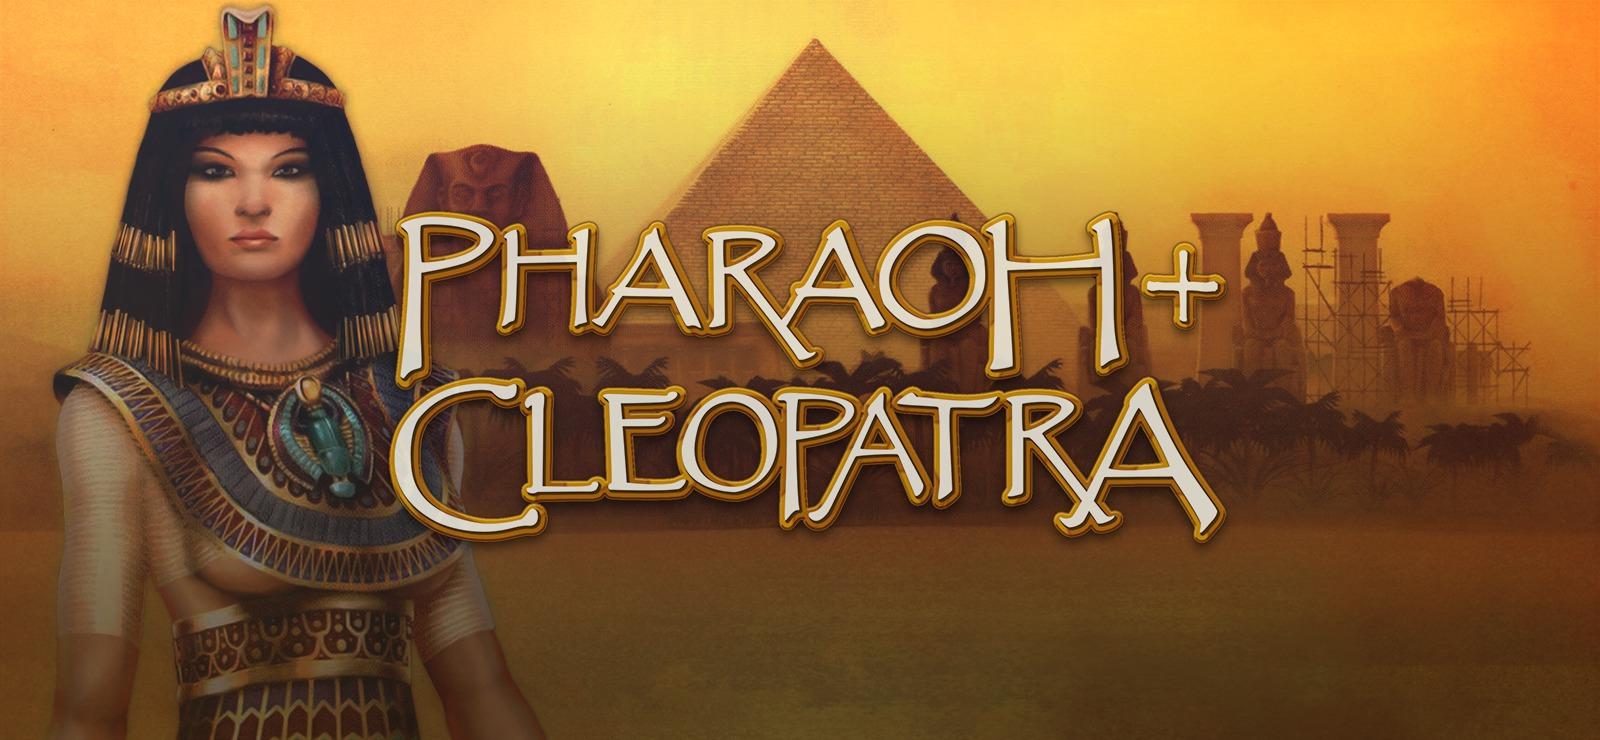 Pharaoh + Cleopatra bei gog für 3,79€